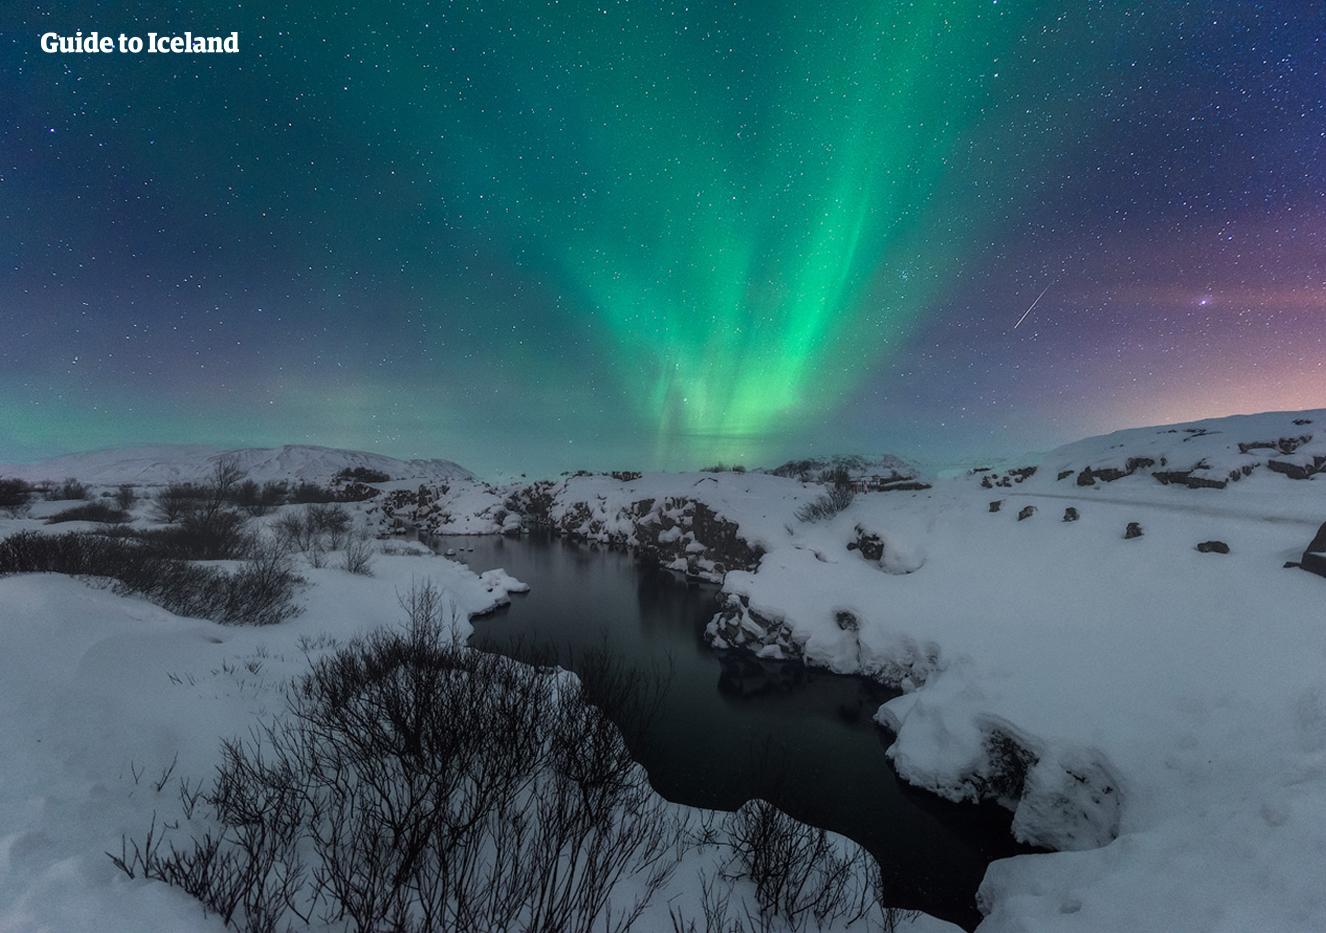 冰岛黄金圈的黄金瀑布Gullfoss是冰岛著名瀑布之一,高约32米